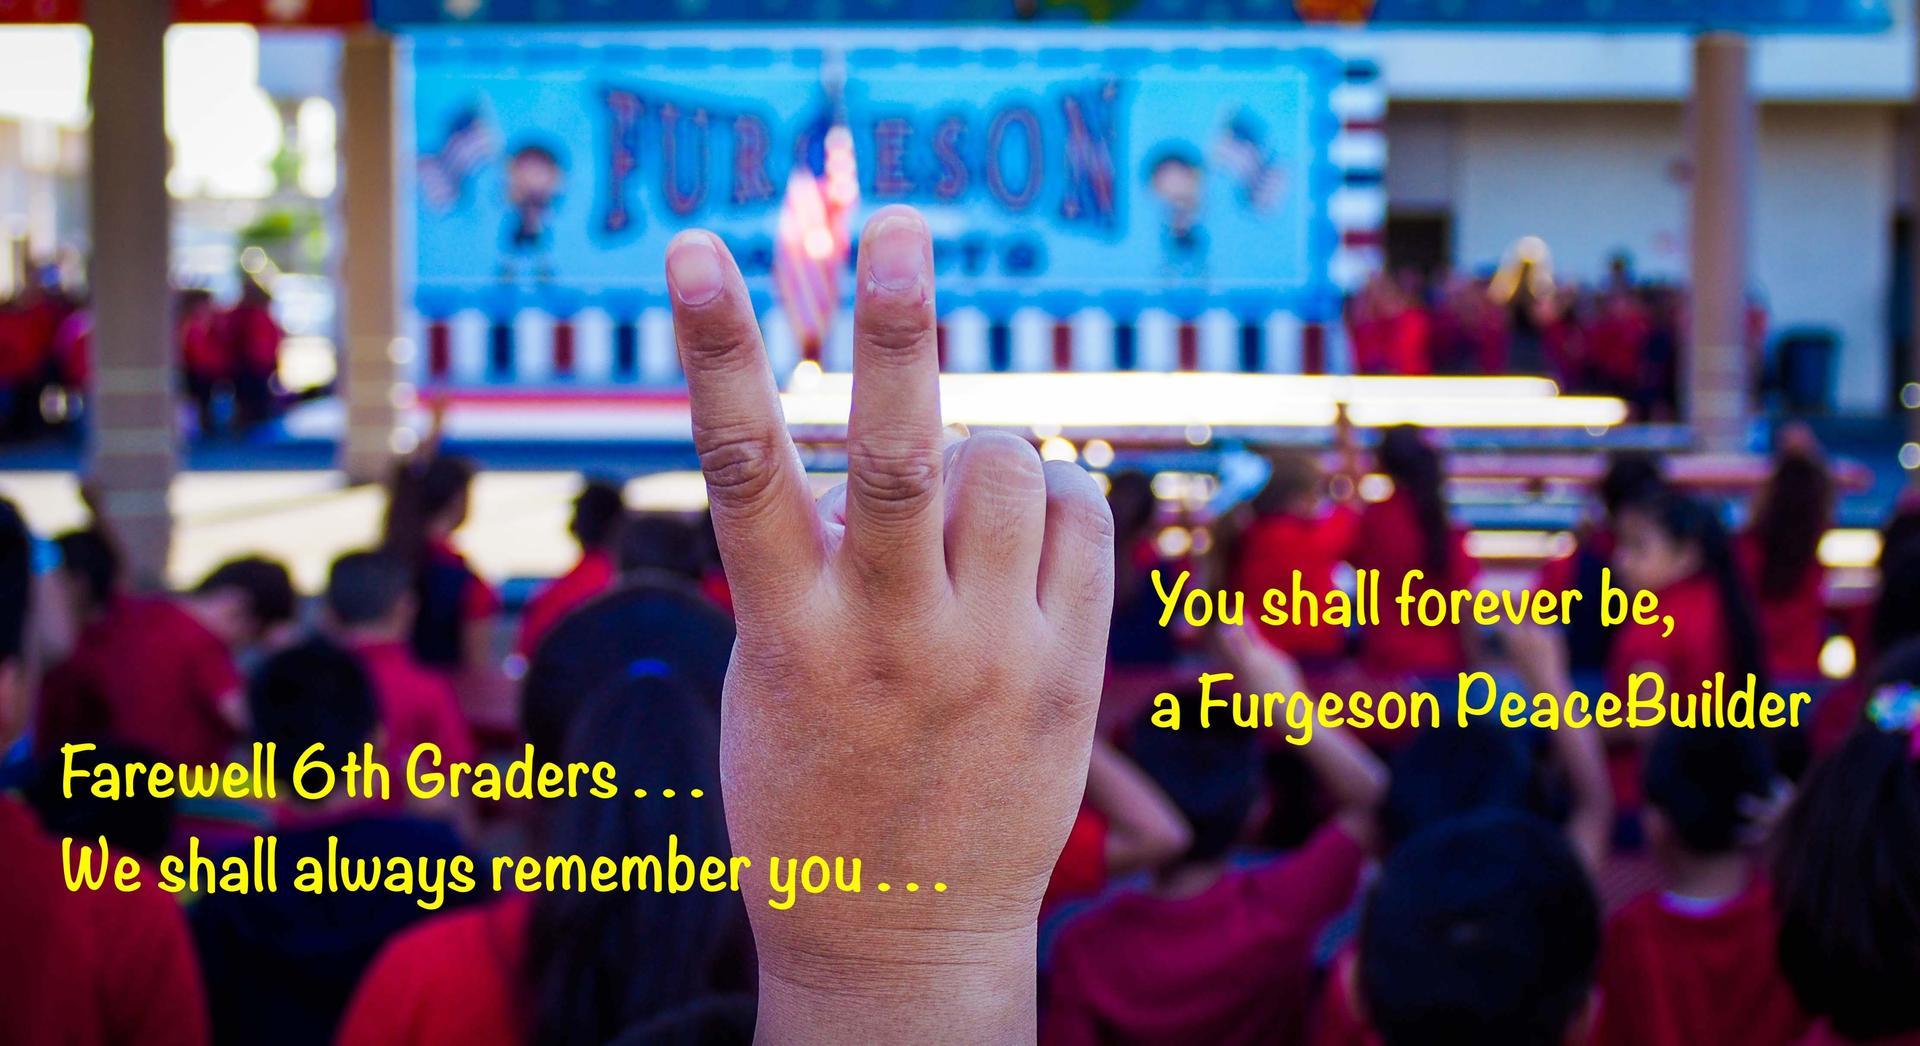 Furgeson PeaceBuilder